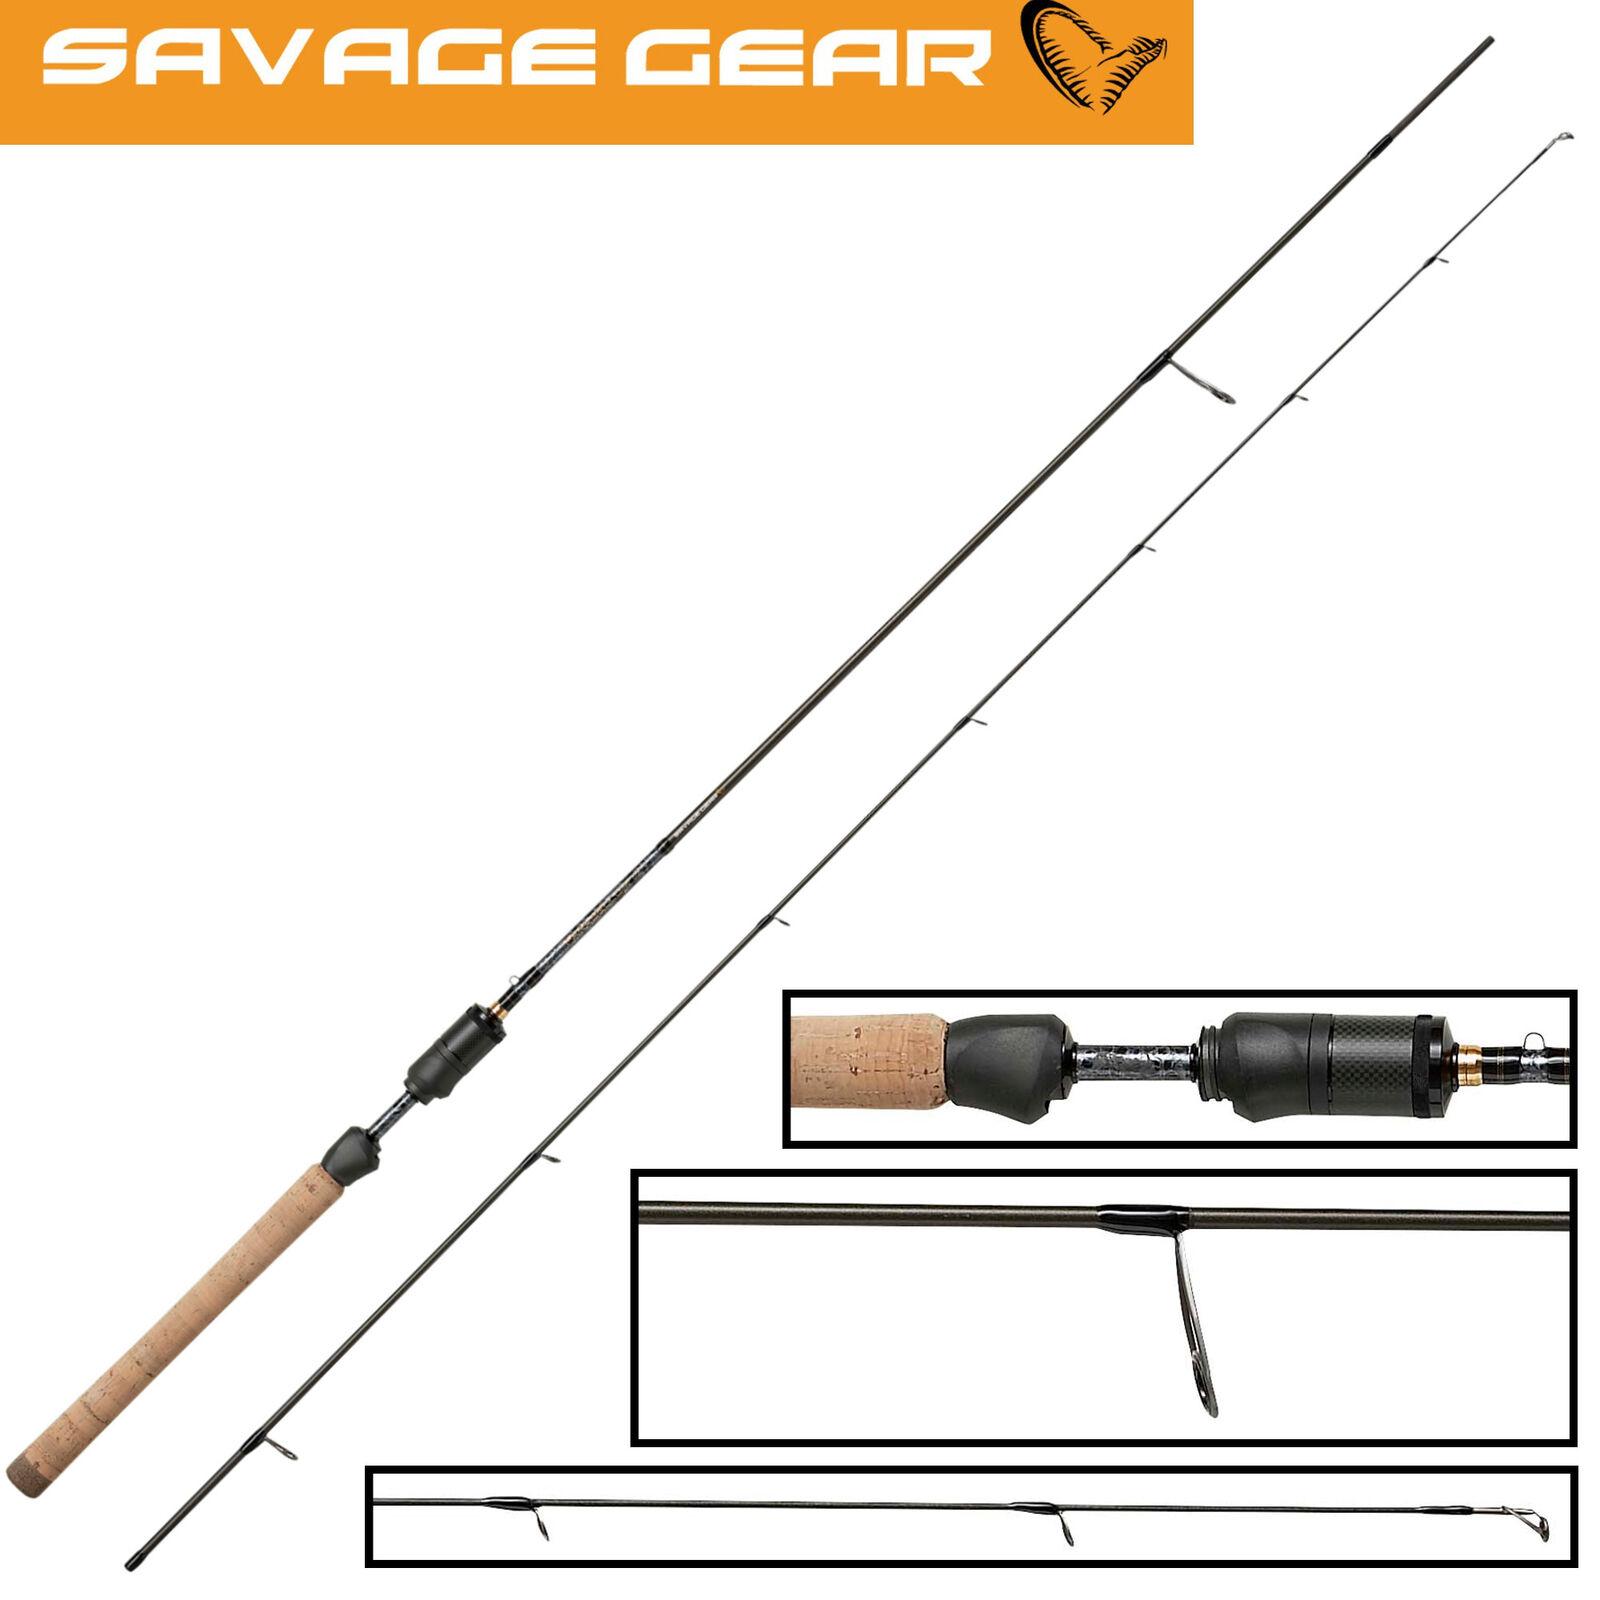 Savage Gear Parabellum CCS UL 2,15m 2-6g - Ultra Light Rute zum Forellenangeln